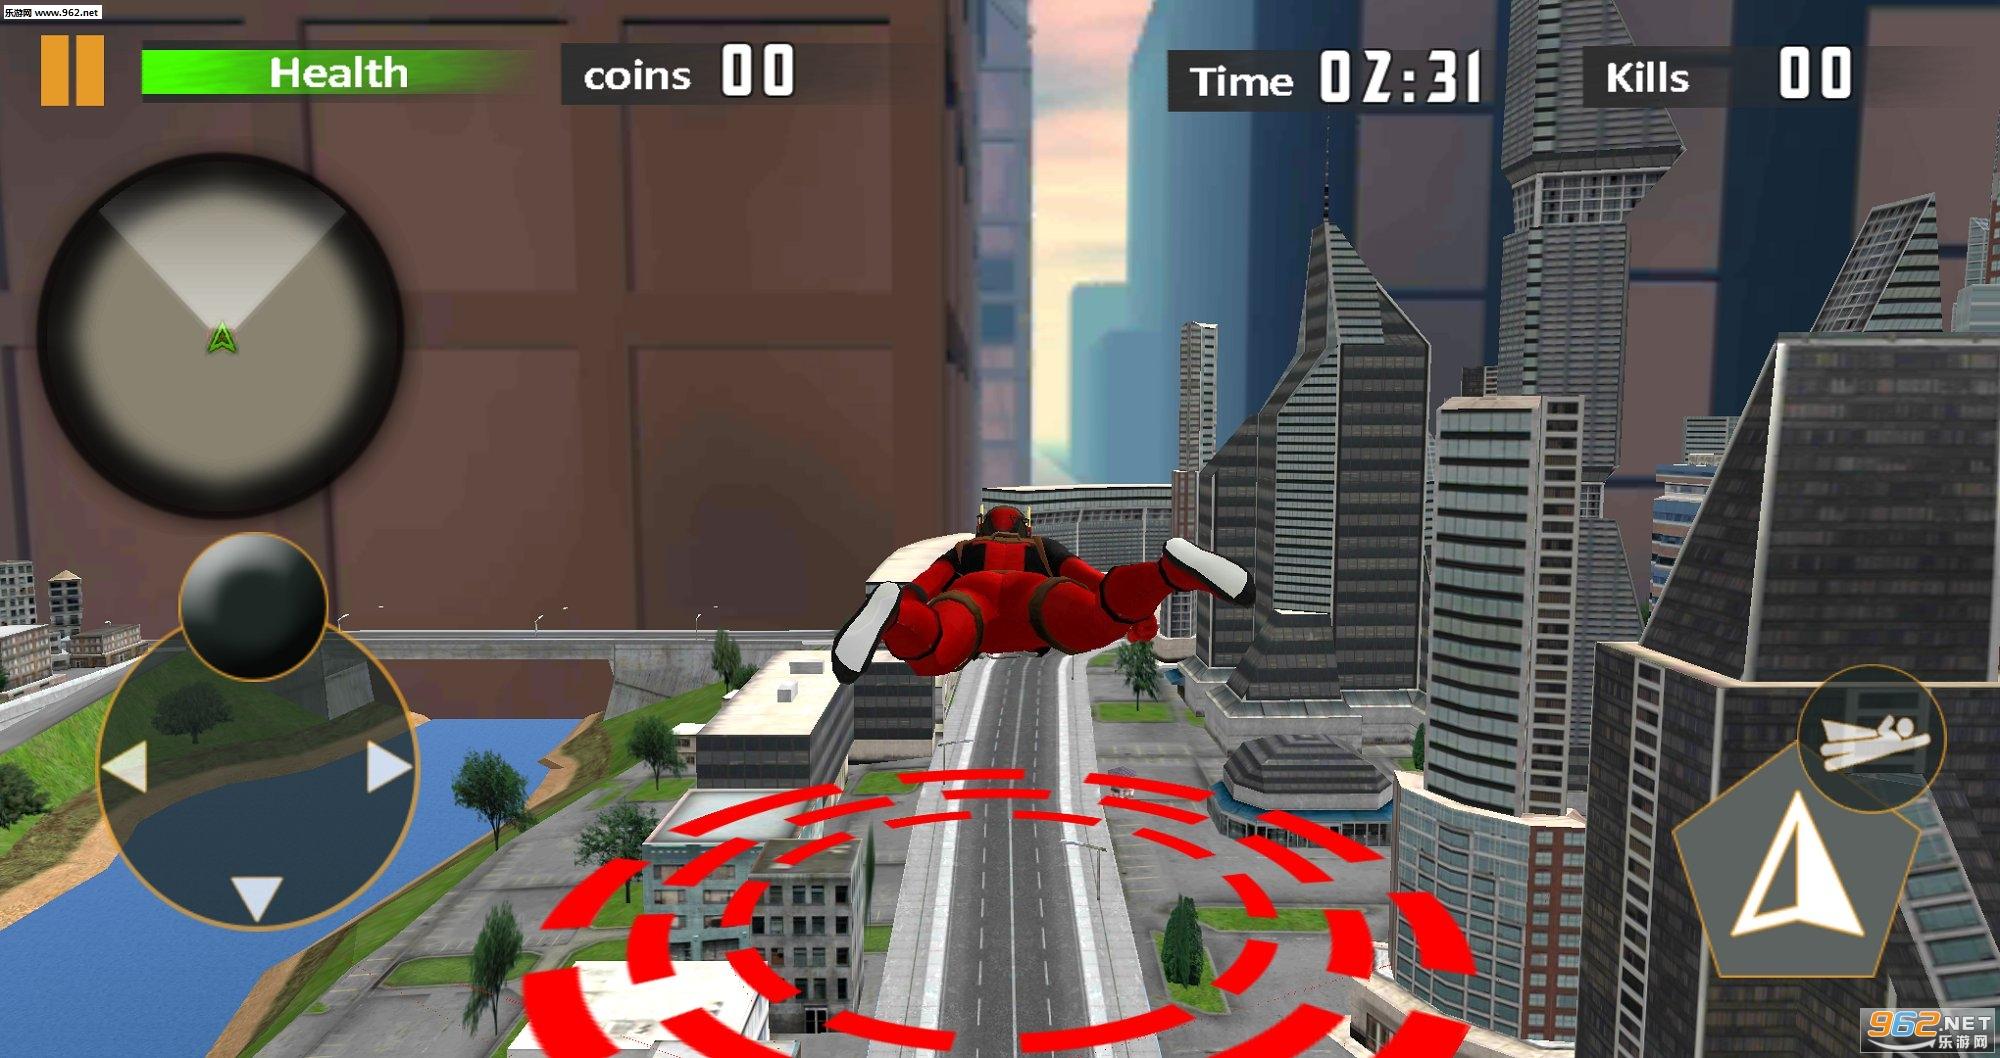 超级英雄救援蚁人与黄蜂女无限金币破解版v1.0截图2